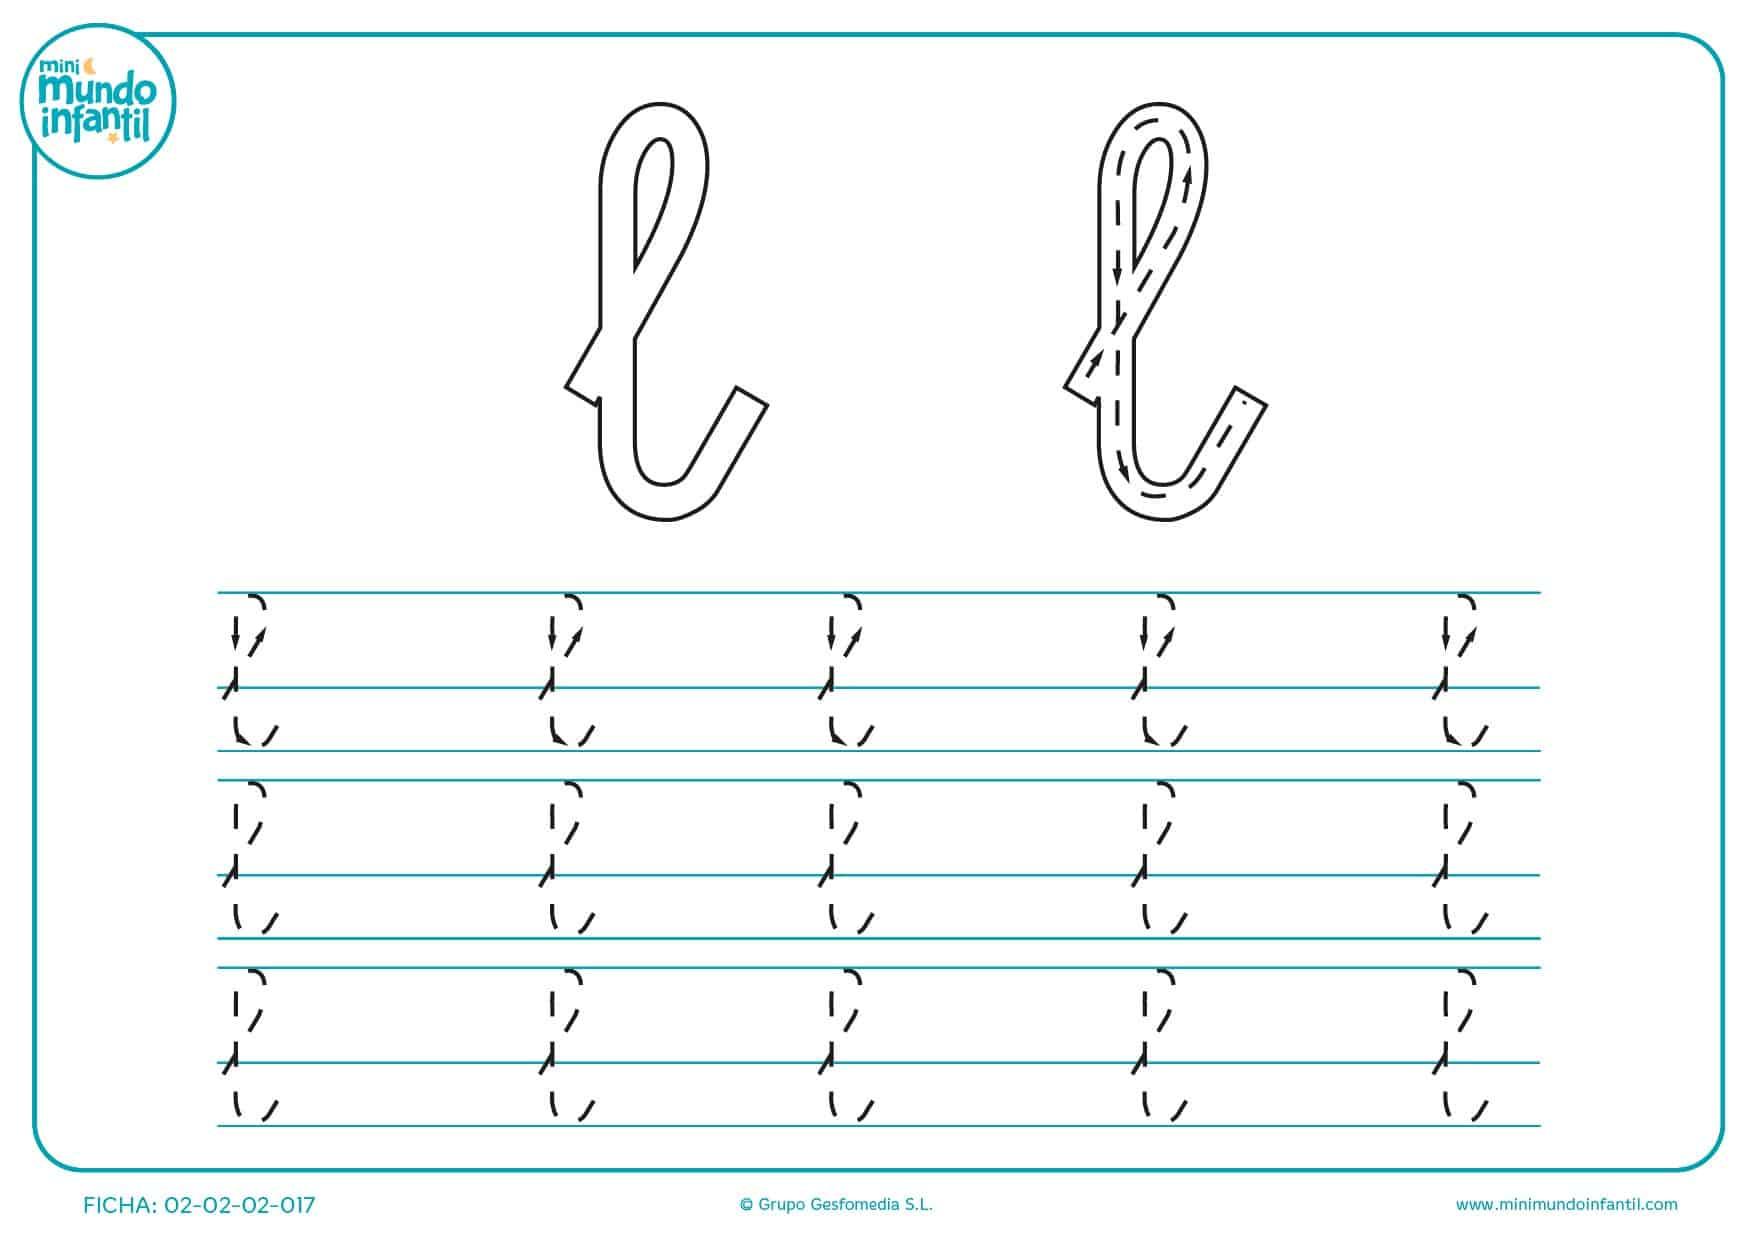 Escribir con la ayuda de flechas y líneas la letra l minúscula